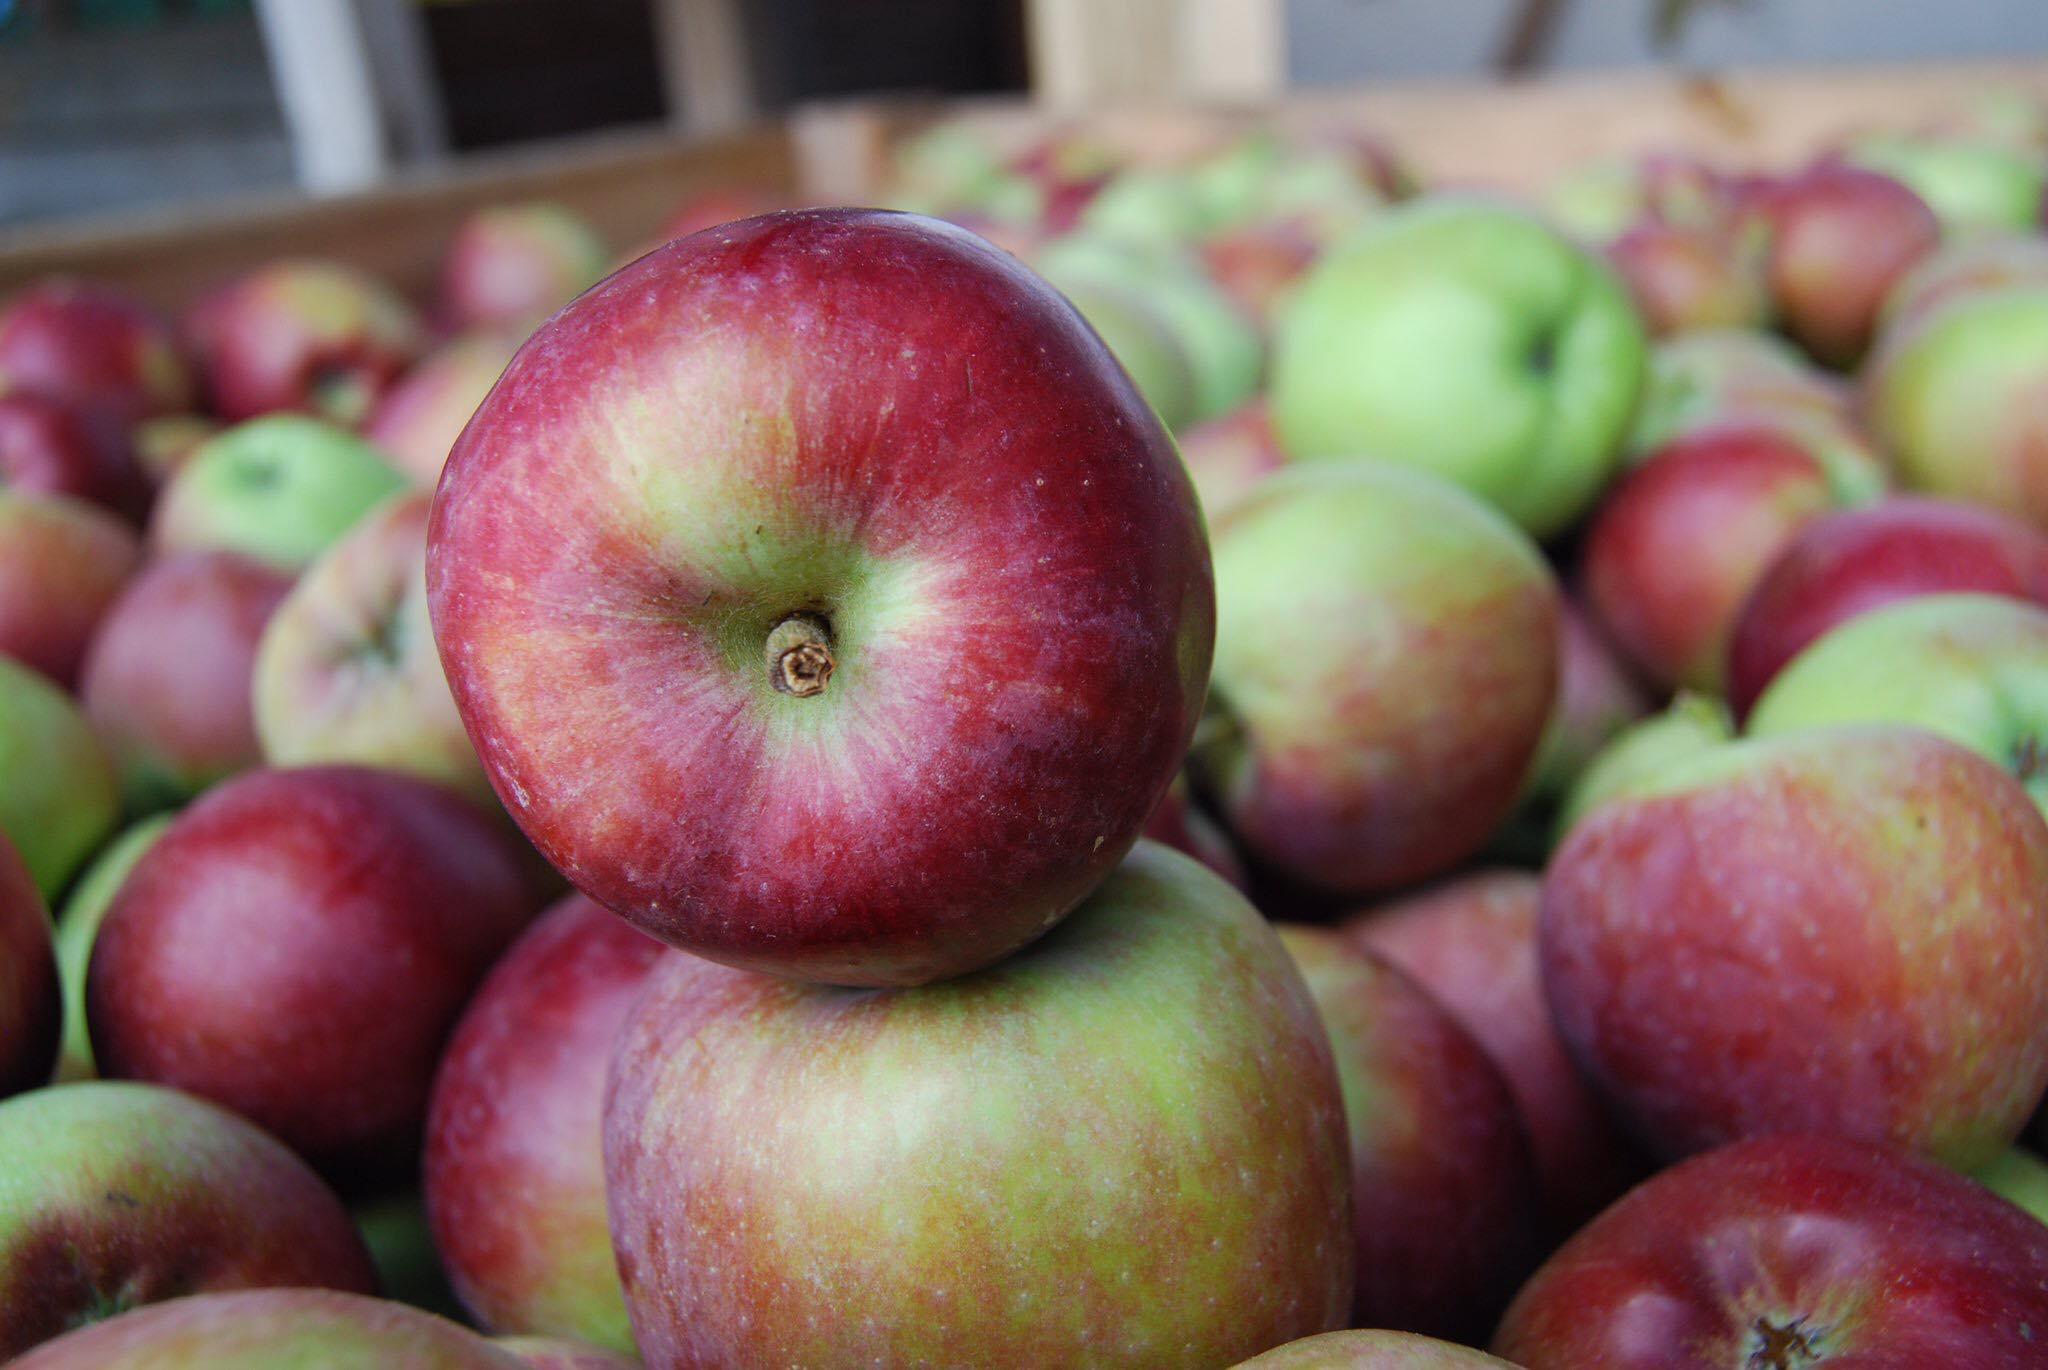 позднее яблоки картинки с названием крепко прилипает камням